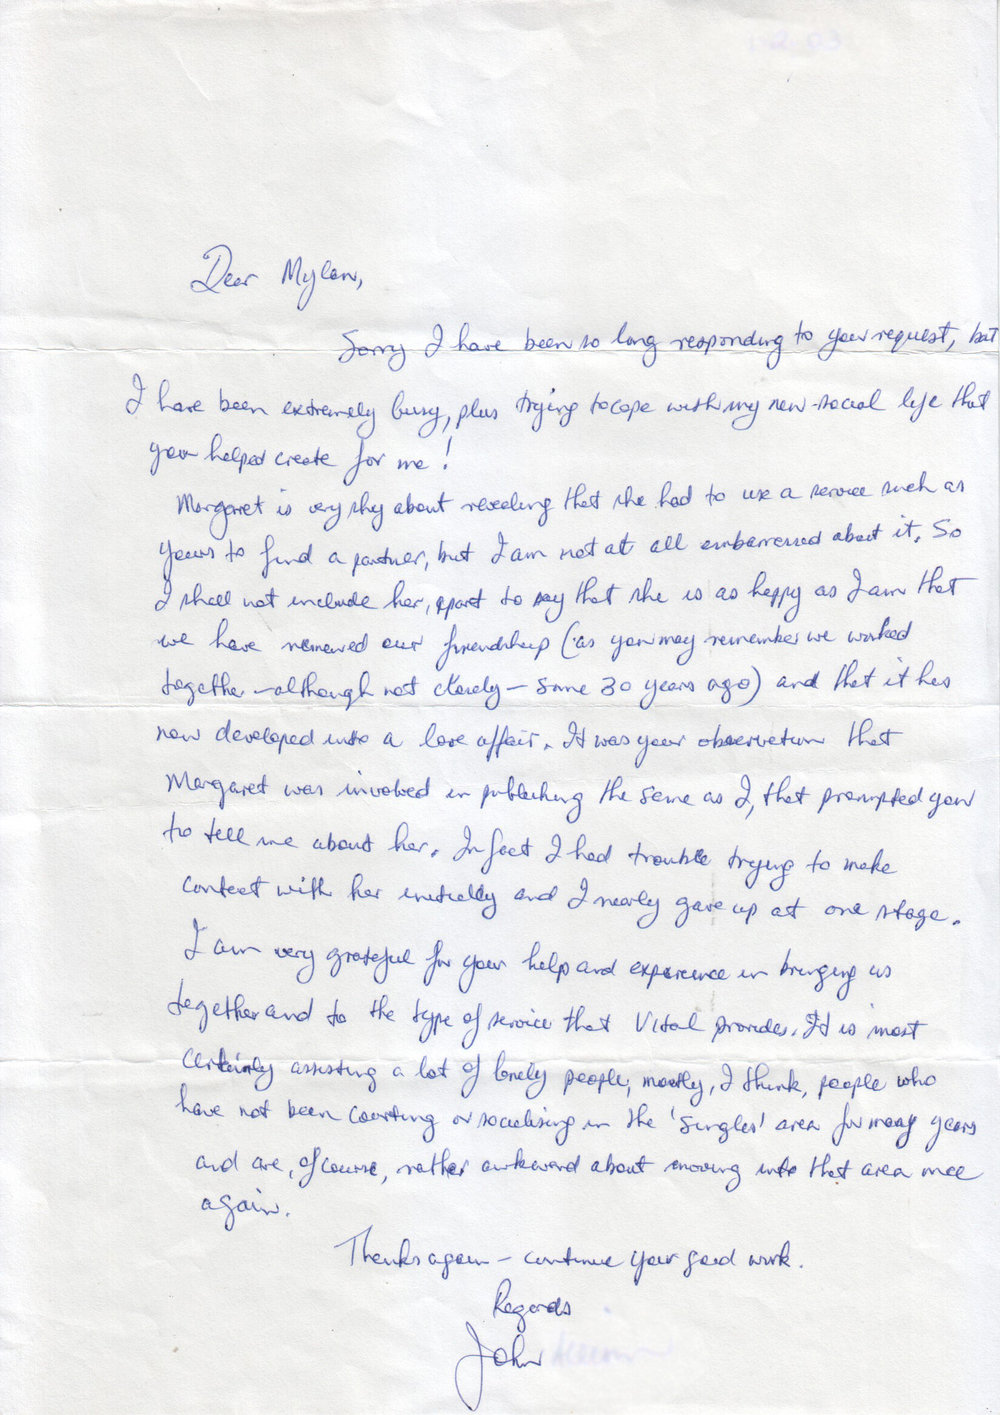 1_02_2003-John-Allein-and-Margarret-.jpg